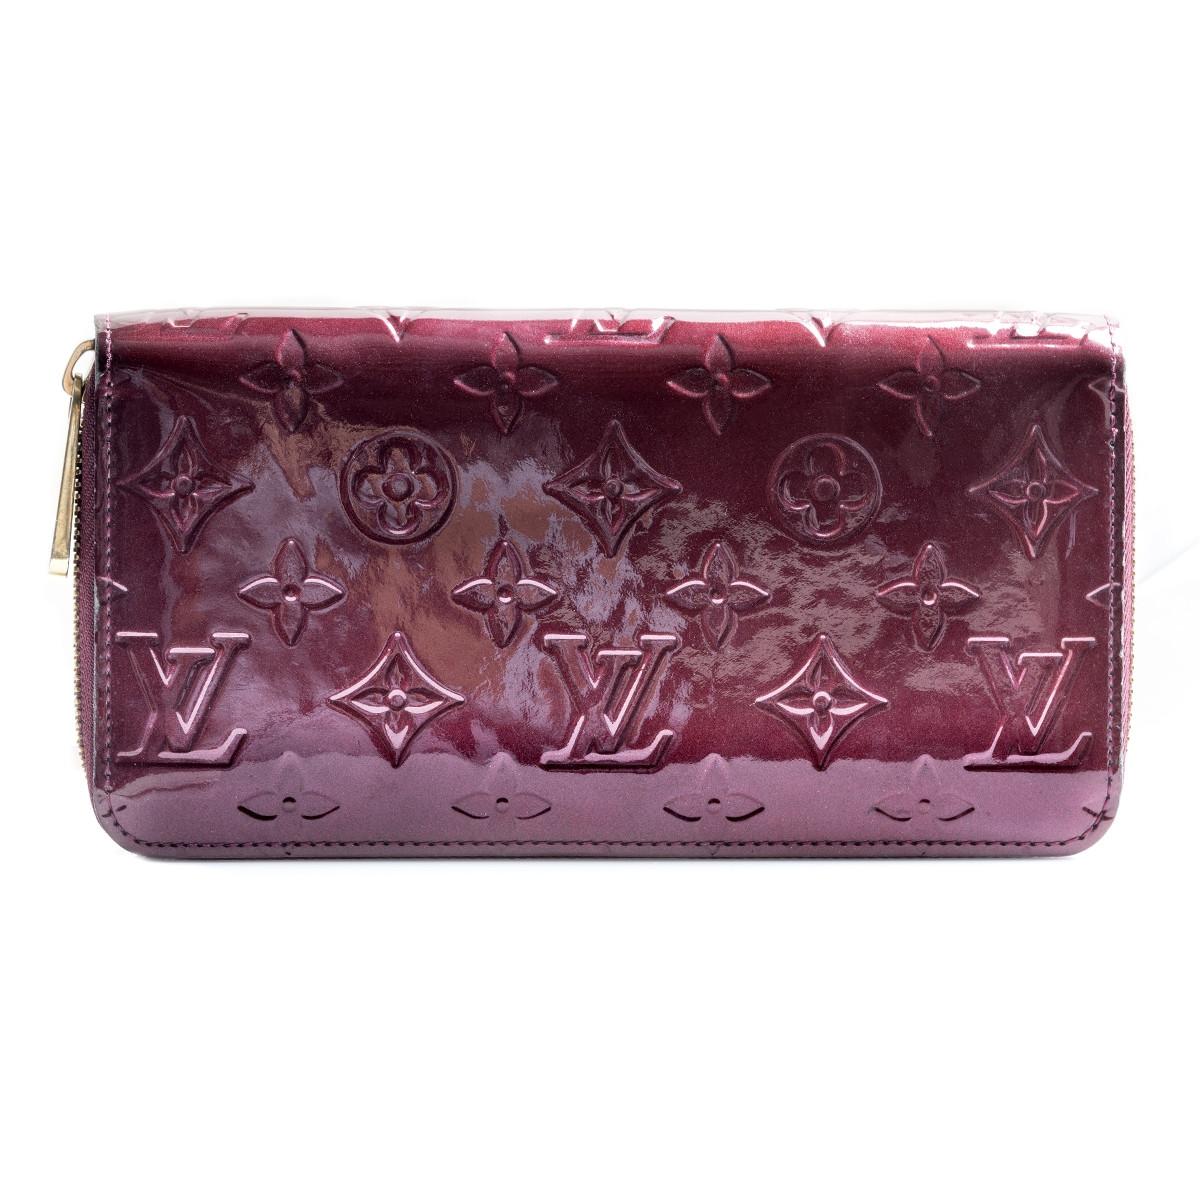 Vintage Louis Vuitton Vernis Zippy Wallet